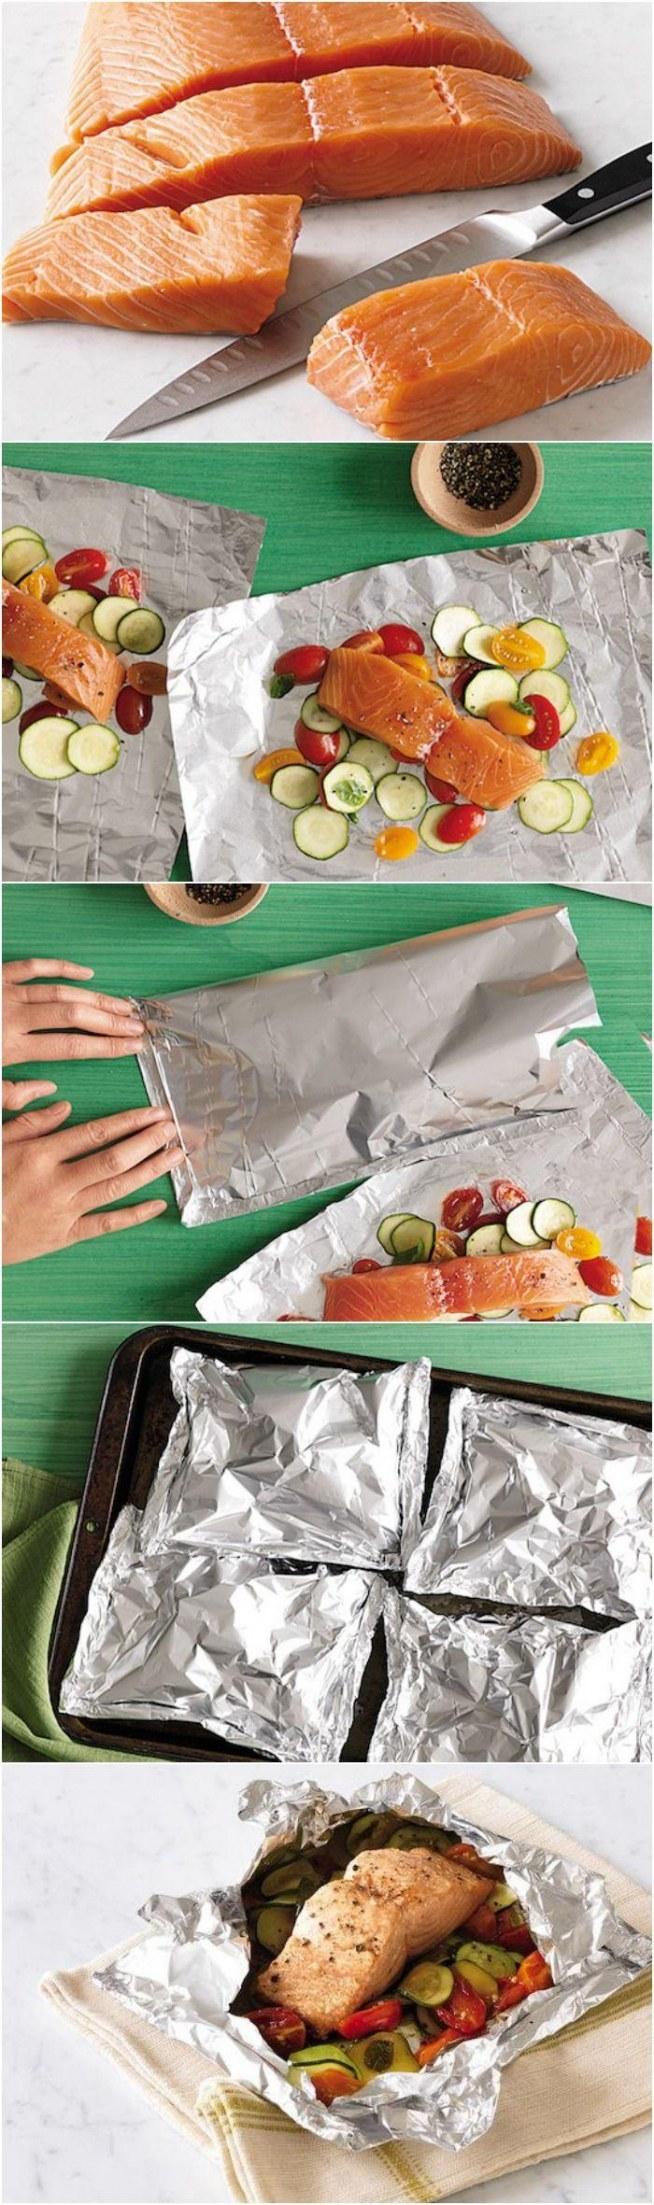 Łosoś w warzywach 1. Świeżość fileta sprawdzić poprzez naciśnięcie palcem. Miąższ powinien odskoczyć, nie pozostawiając wcięcia. 2. Łyżka warzyw na folię, dodać 2 łyżeczki bulionu, Umieść filet z ryby na górze. Posypać lekko solą i czarnym pieprzem. 3. Złożyć folię na ryby i zaciskać na dłuższej krawędzi 3 razy do uszczelniania. Powtórzyć, aby uszczelnić dwa krótkie boki. 4. Rozgrzać piekarnik do 230 ° C. Pakiety ułożyć na blasze. Zapiekać ok 20 minut. z: prevention.com